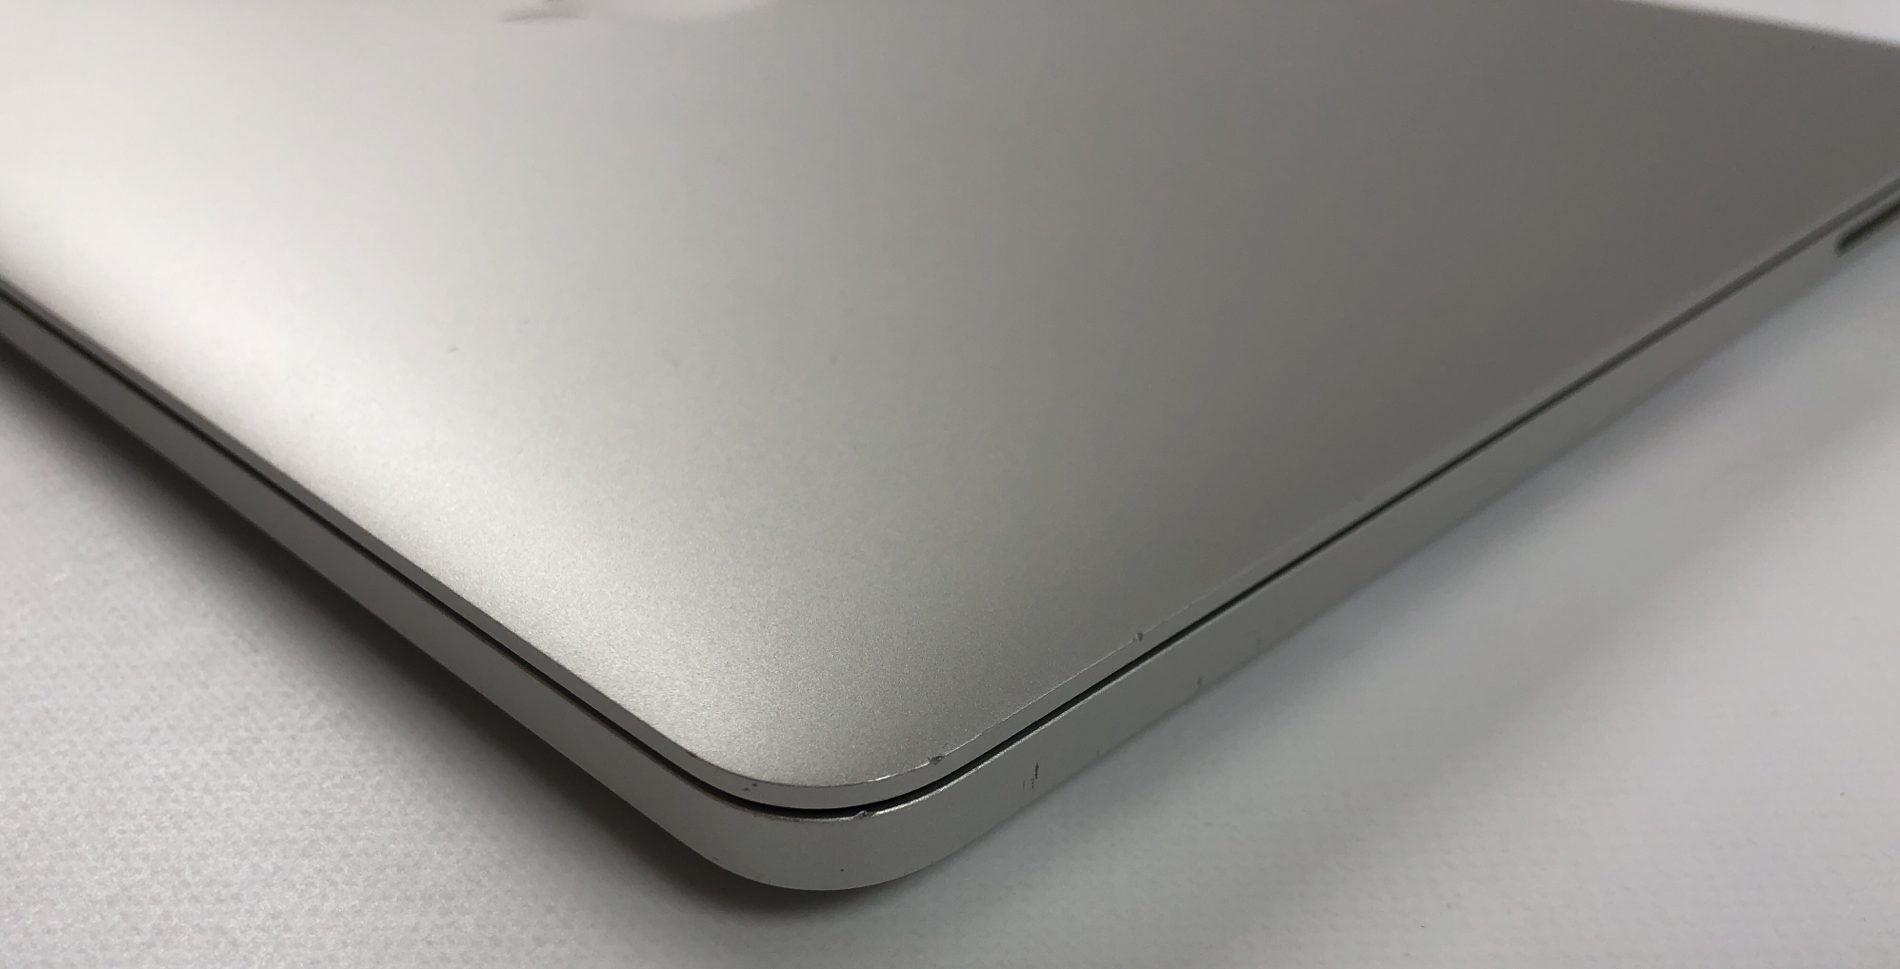 """MacBook Pro Retina 15"""" Mid 2015 (Intel Quad-Core i7 2.5 GHz 16 GB RAM 512 GB SSD), Intel Quad-Core i7 2.5 GHz, 16 GB RAM, 512 GB SSD, image 4"""